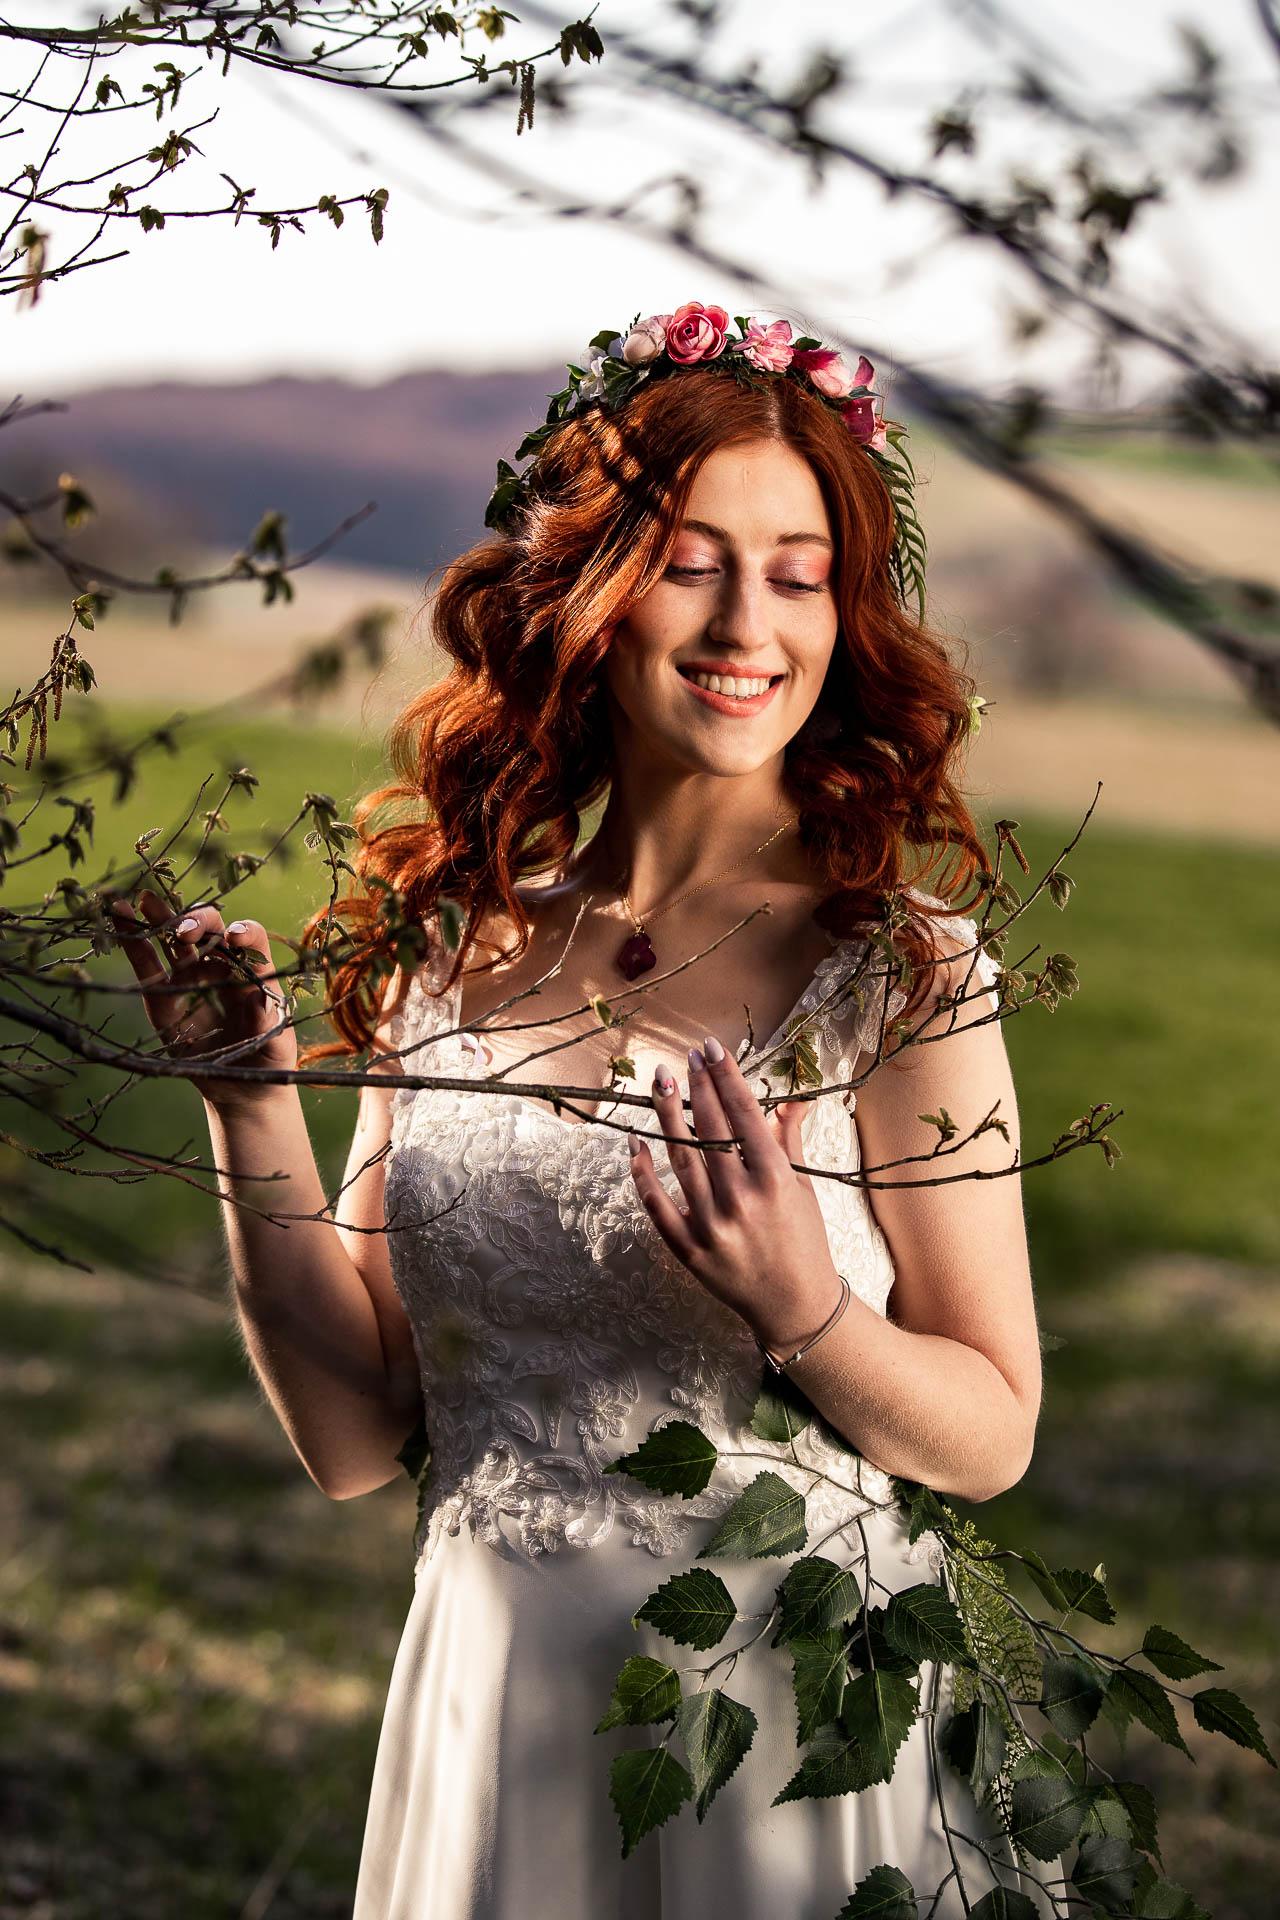 Słońce pięknie oświetla jej fryzura ślubna i wianek ślubny na głowie.